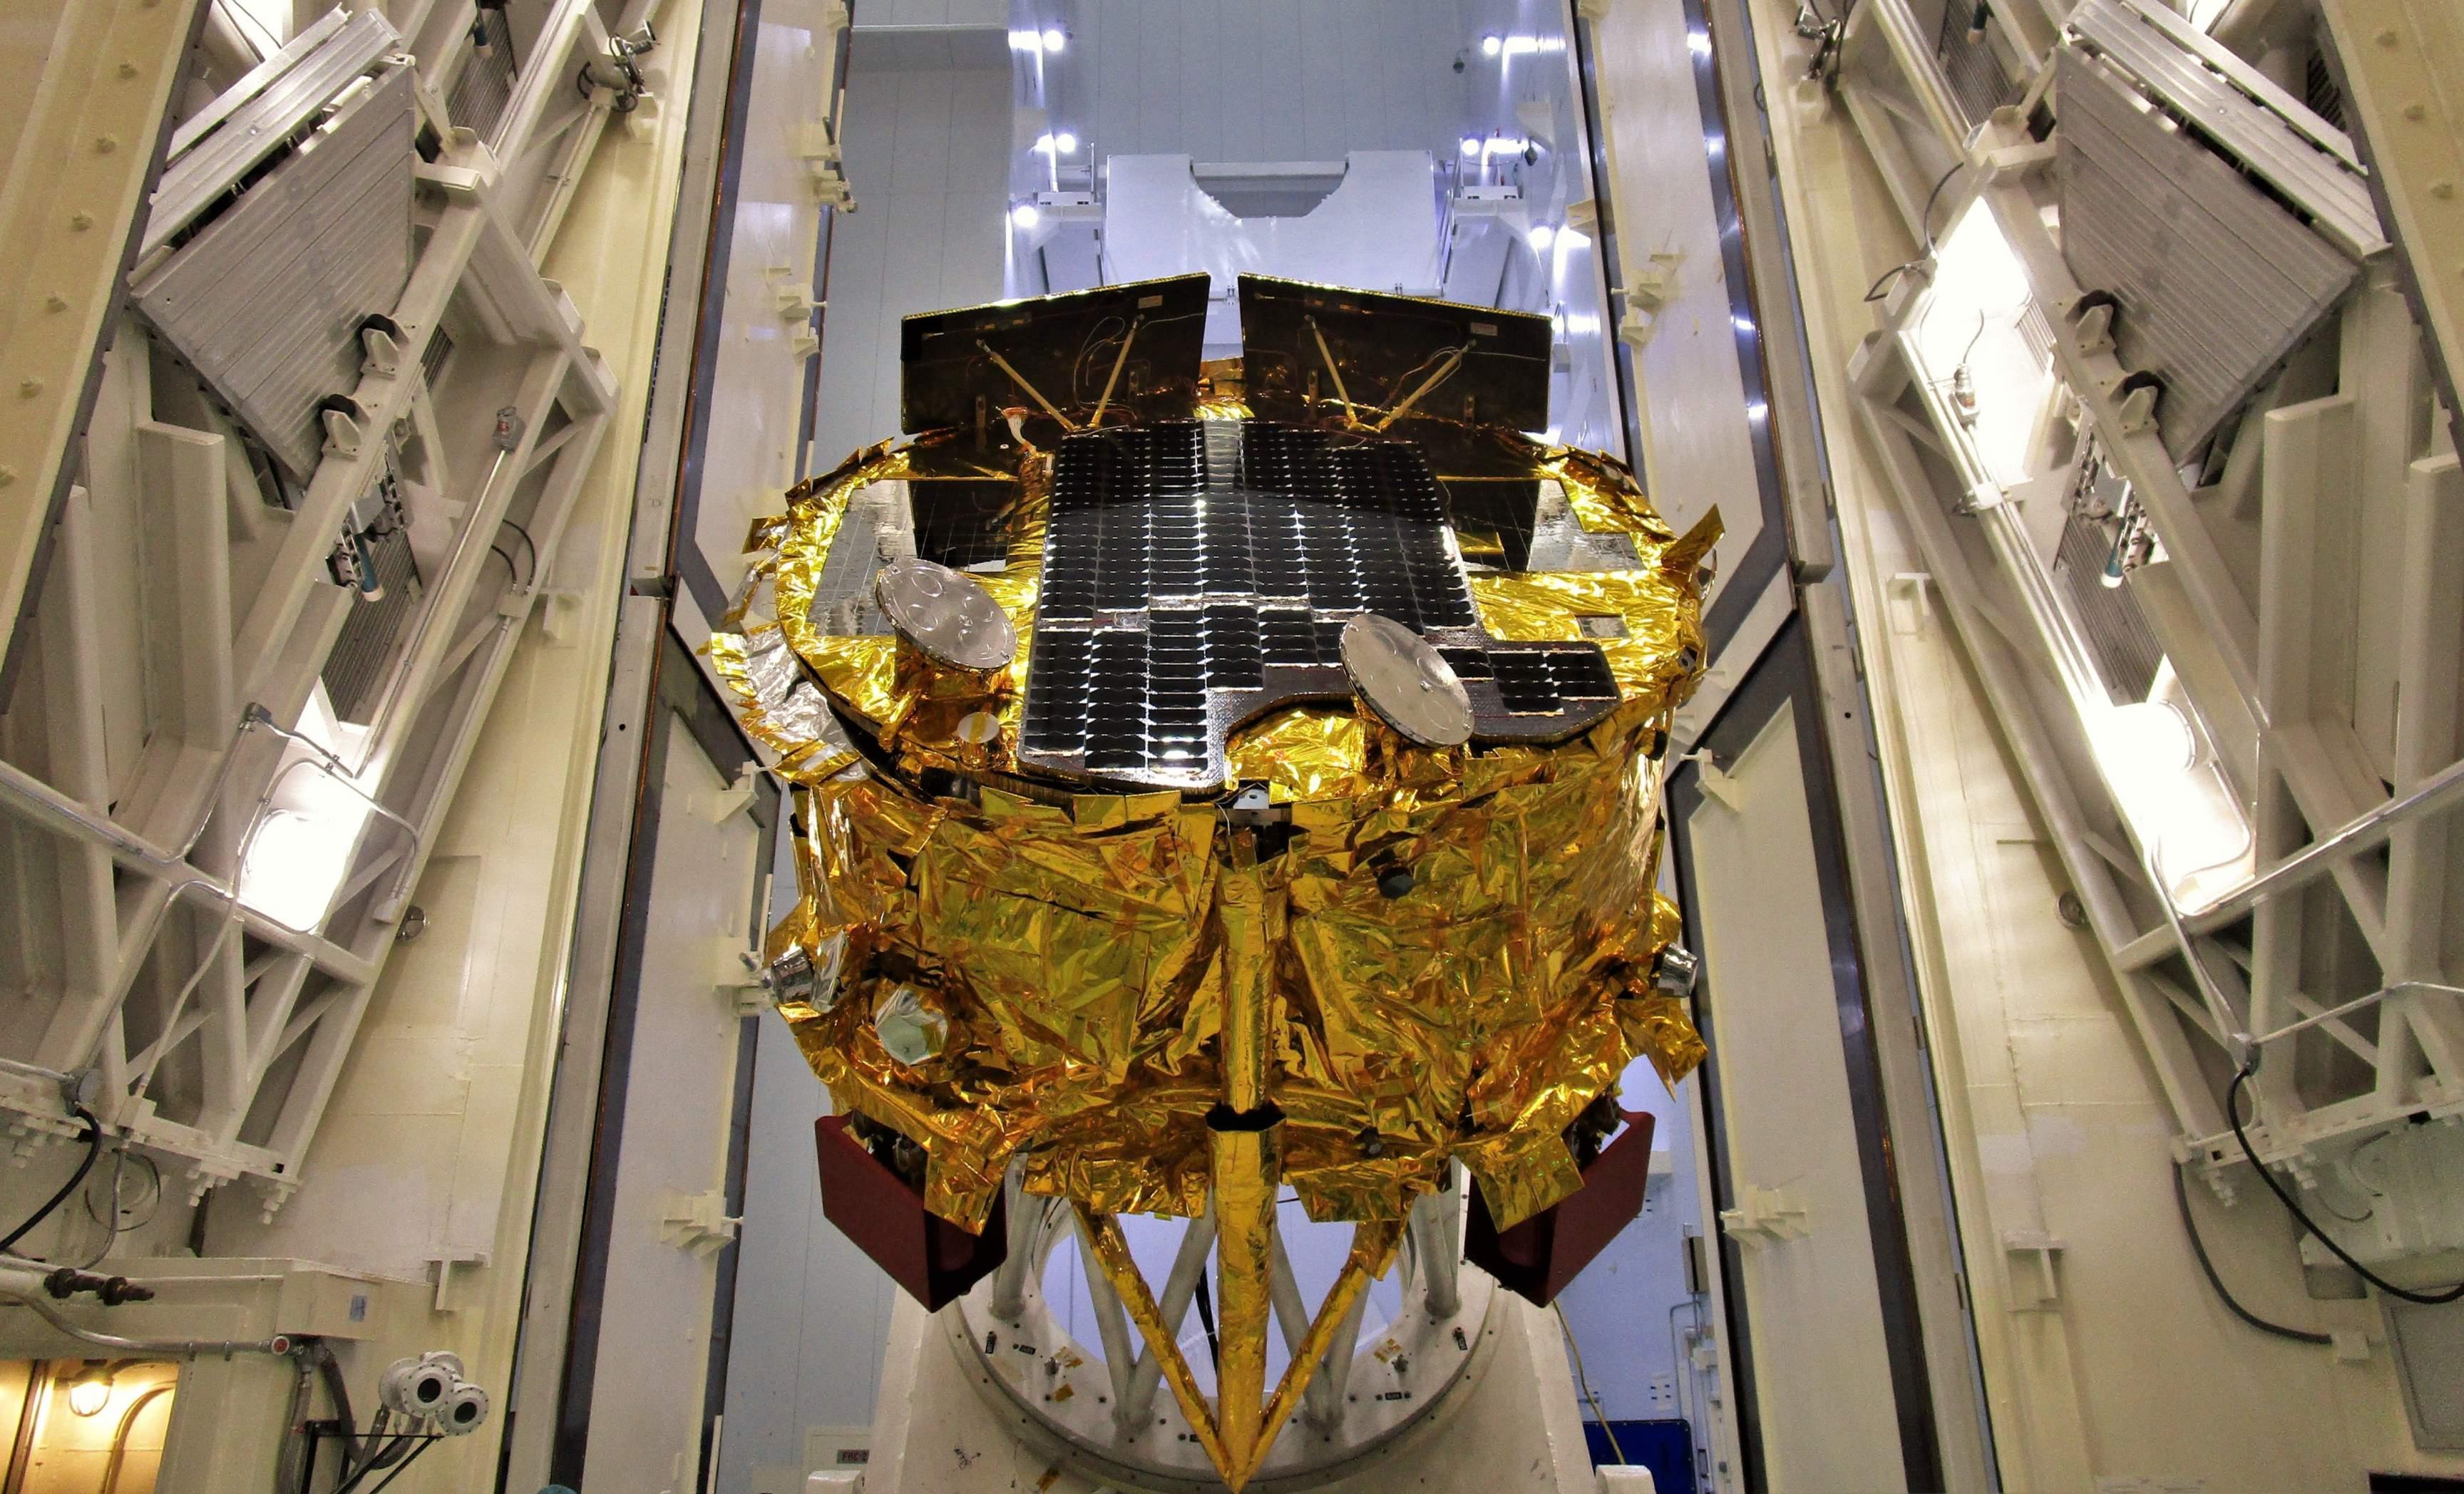 SpaceIL Beresheet Moon lander prep 021019 (Spaceflight) 2 crop (c)